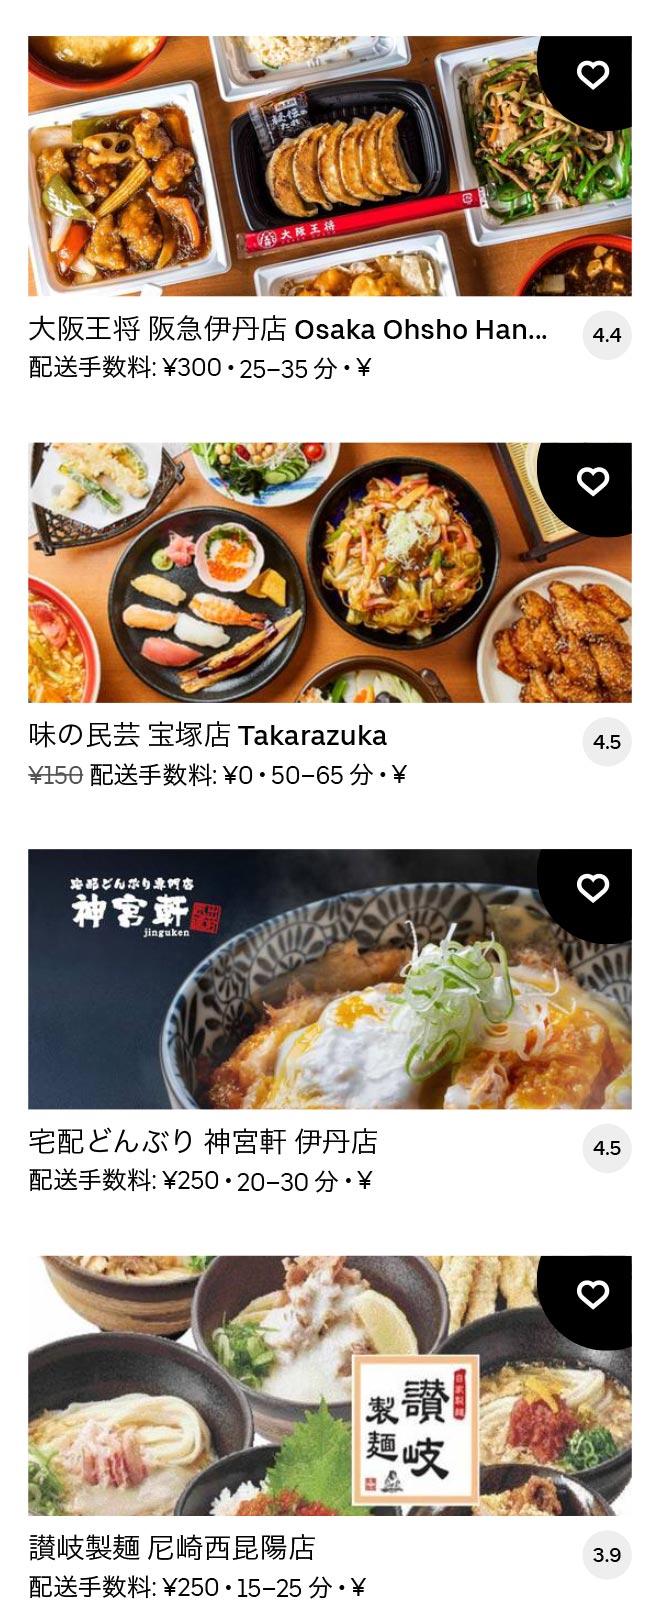 Itami nakano menu 2011 08